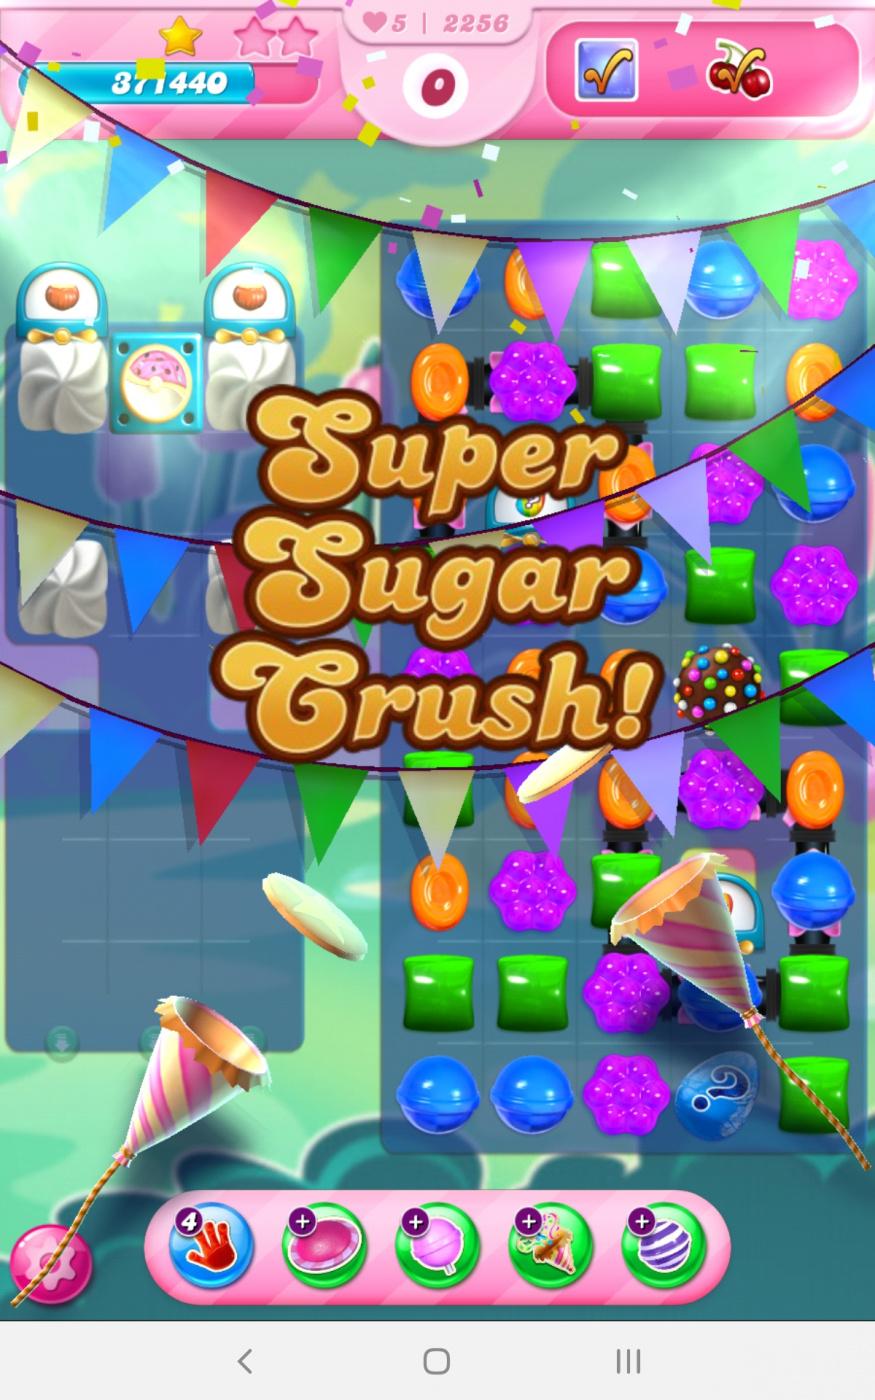 Screenshot_Touch_2020-09-19_012611.jpg